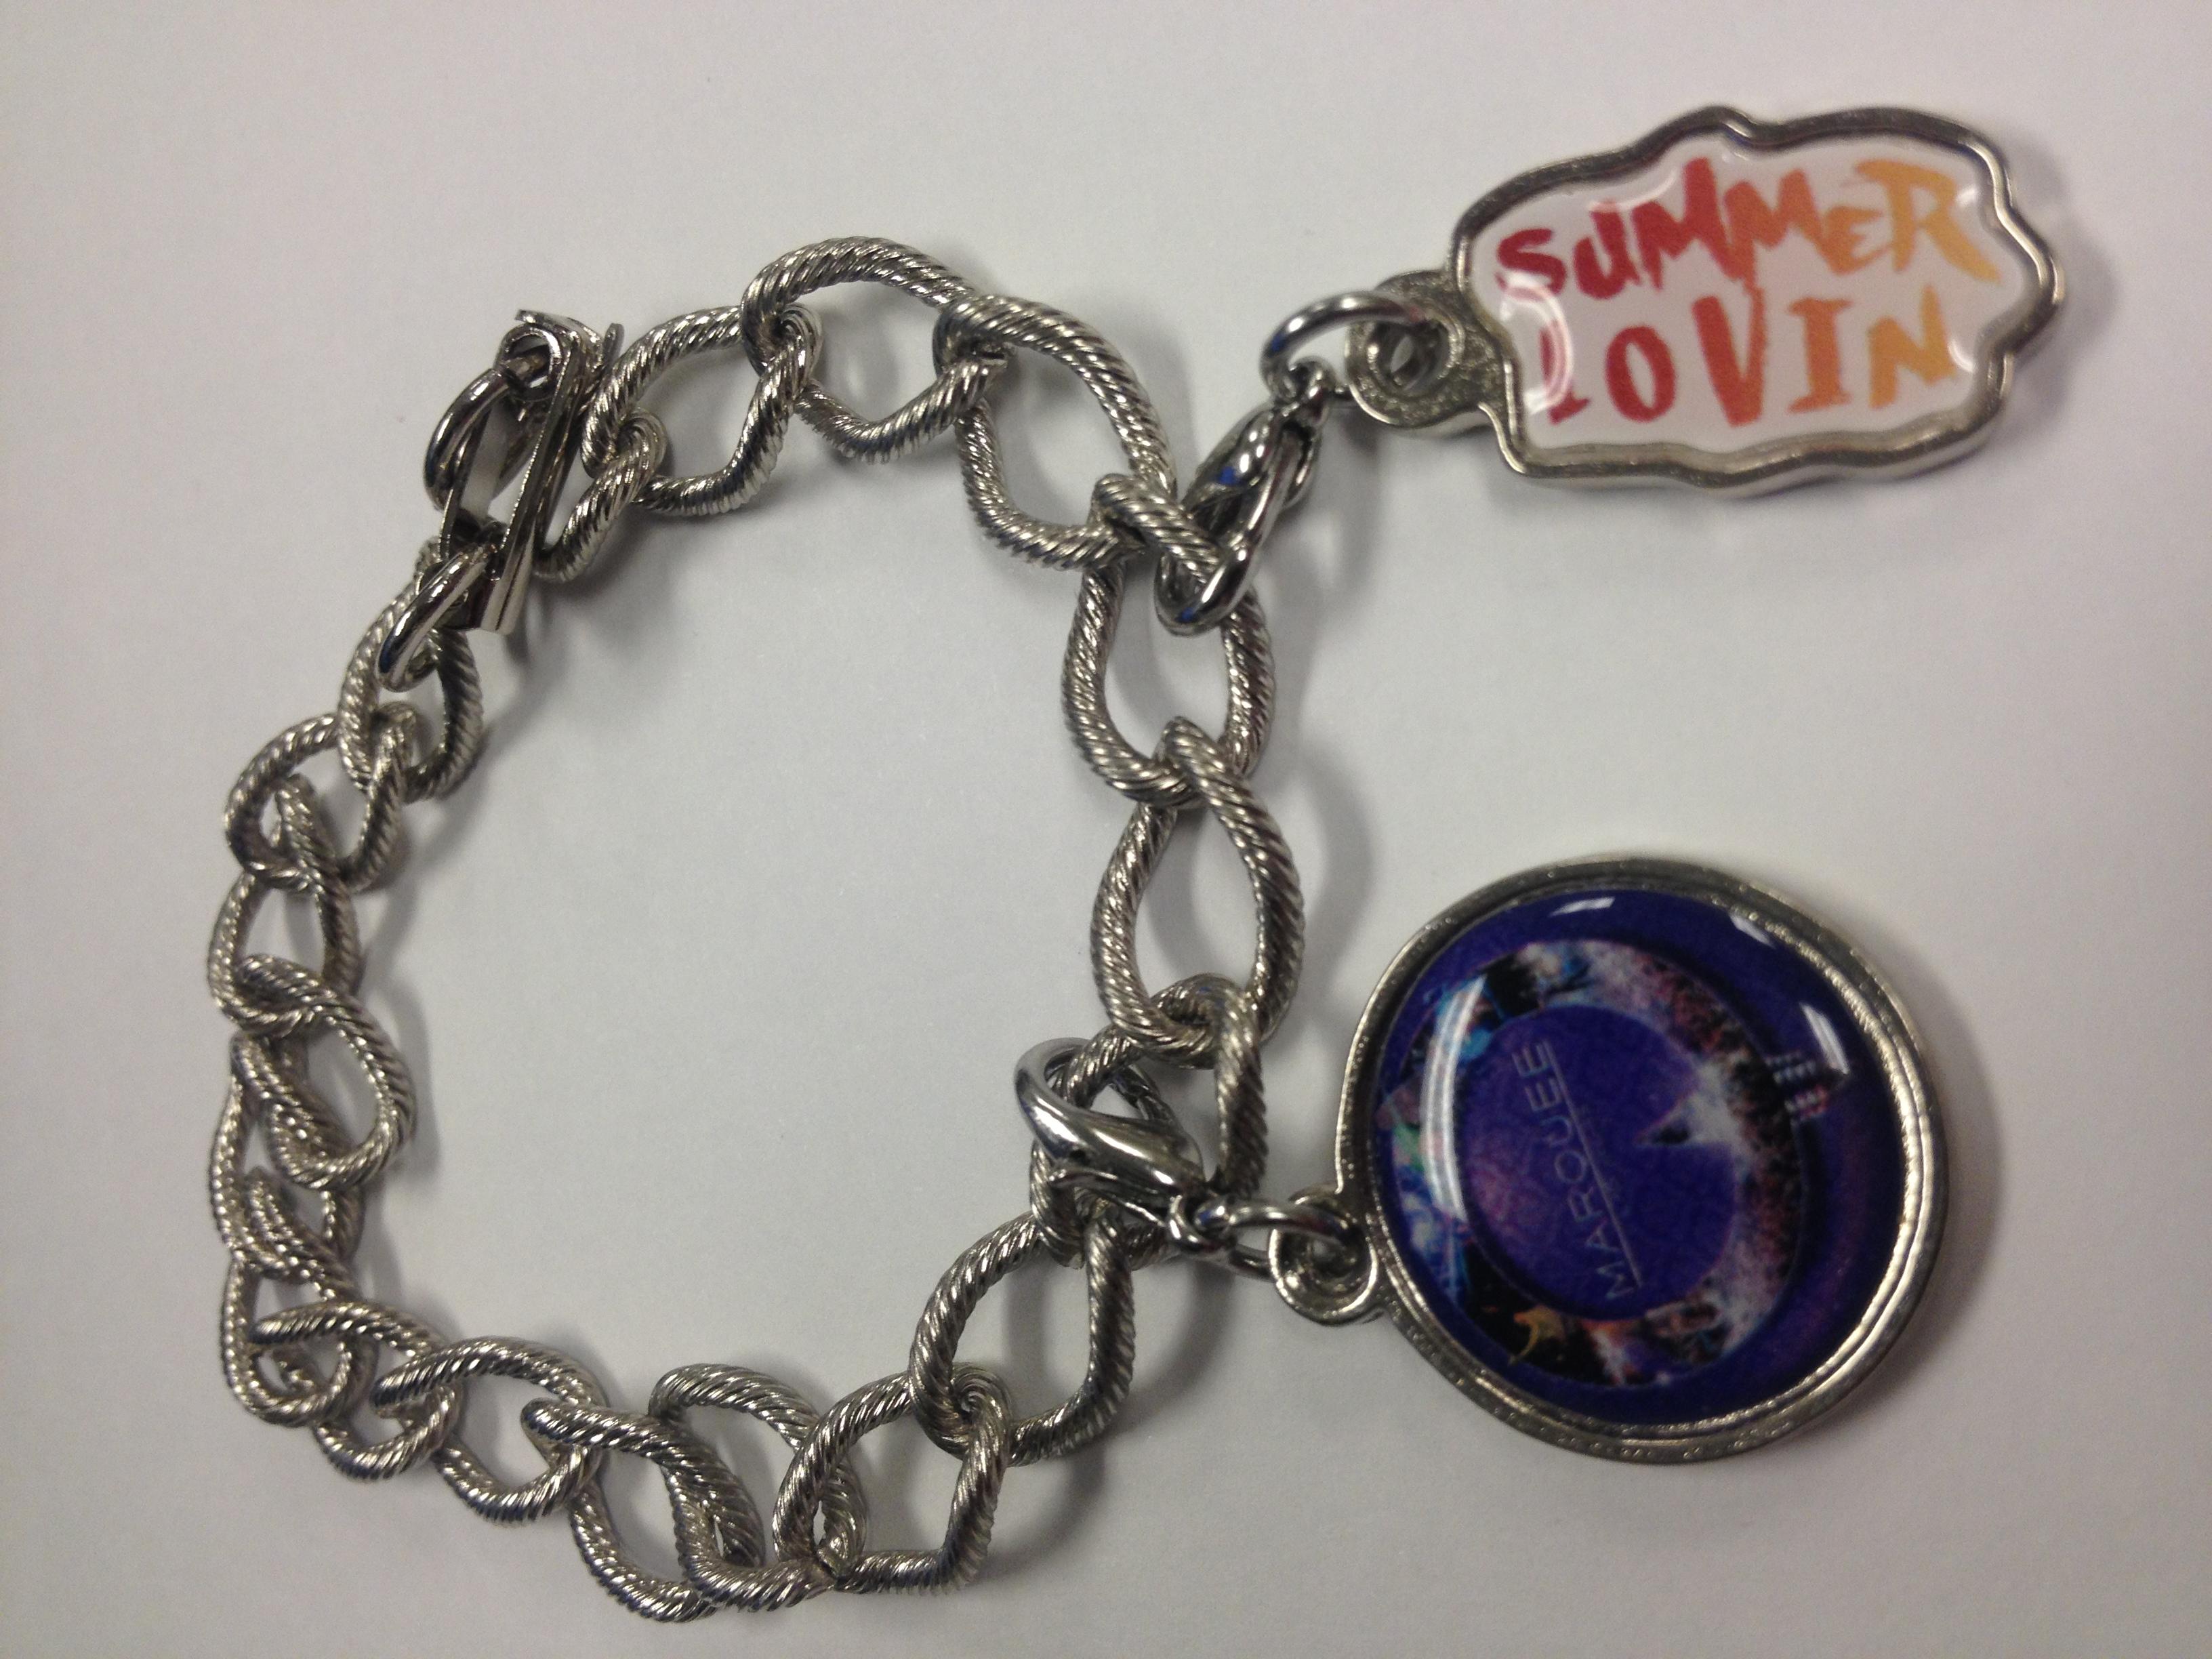 Kaskade Summer Lovin' Charm Bracelet